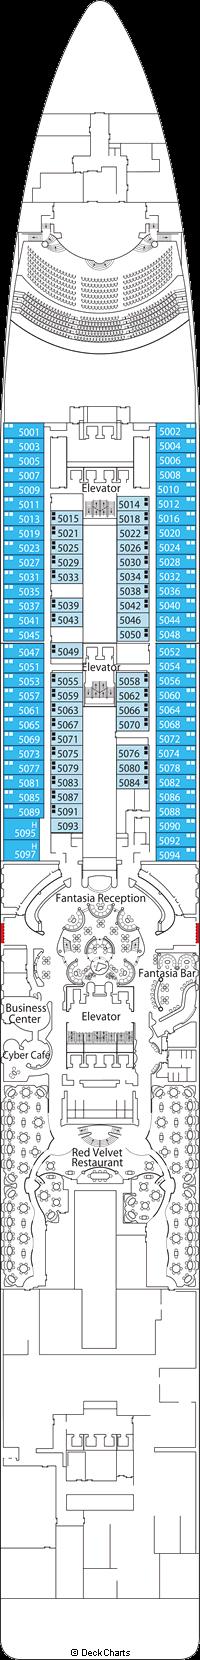 MSC Fantasia: Fantasia Deck